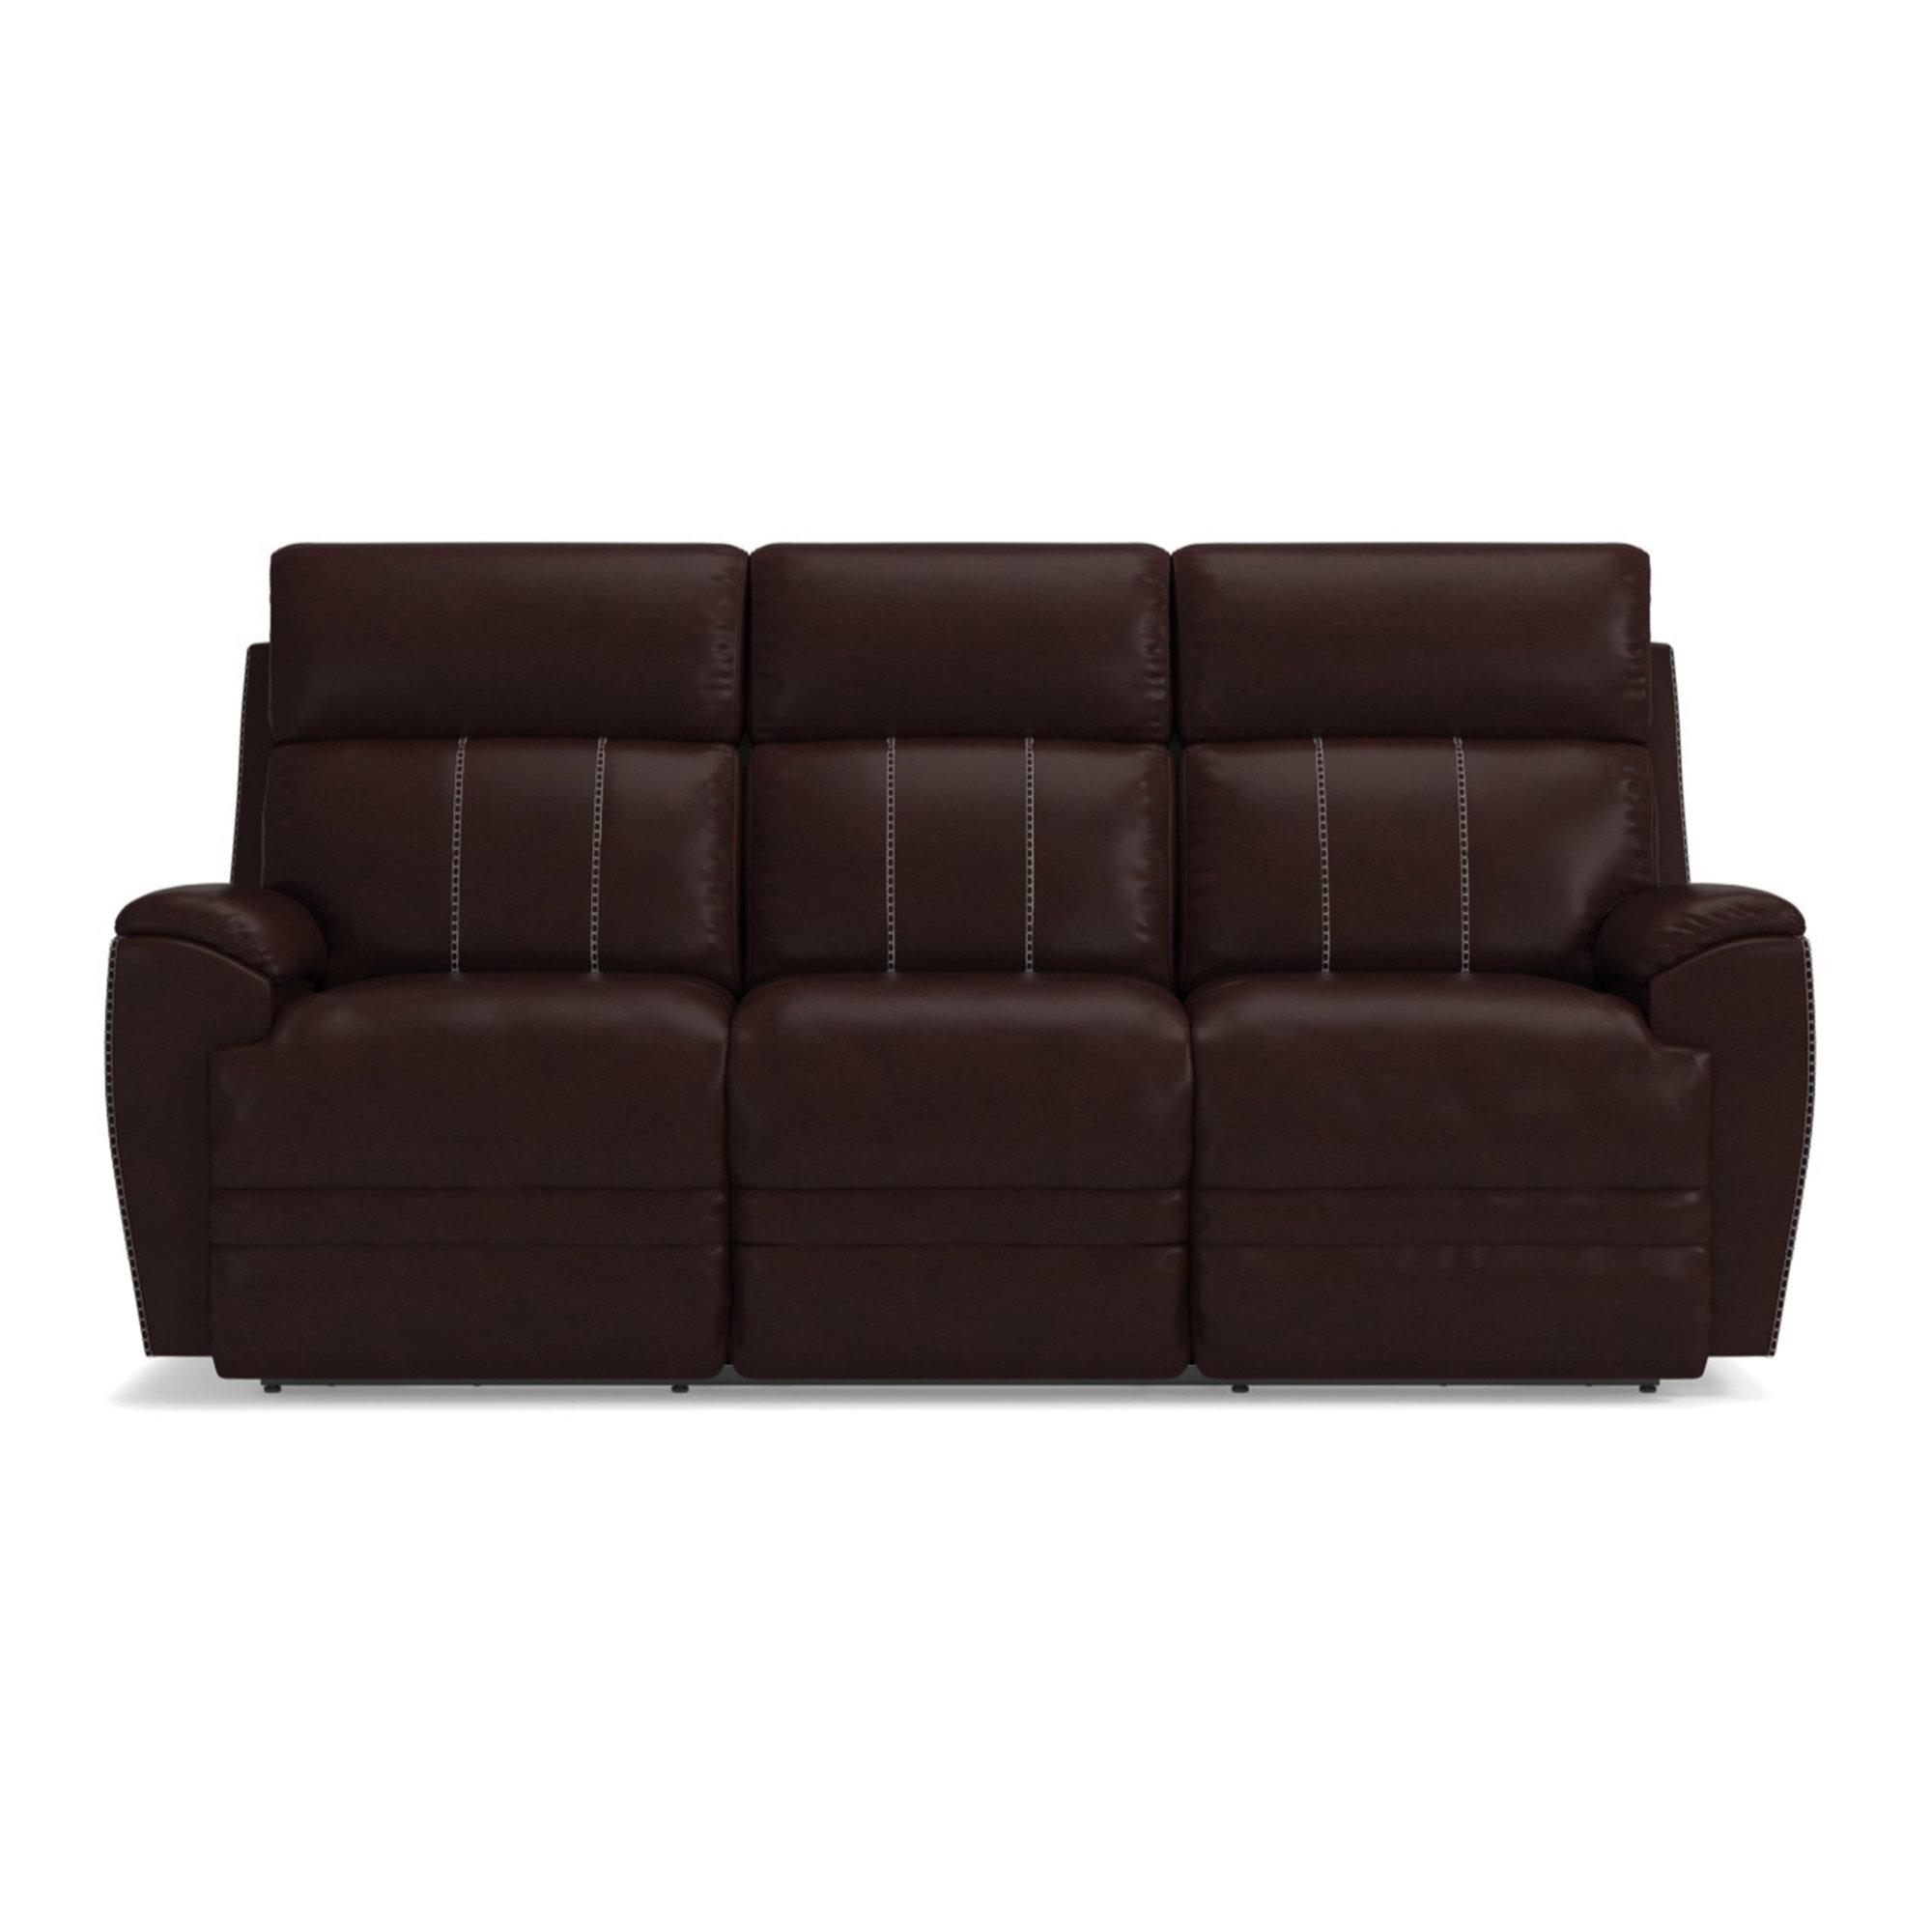 Prime Talladega Reclining Sofa Short Links Chair Design For Home Short Linksinfo